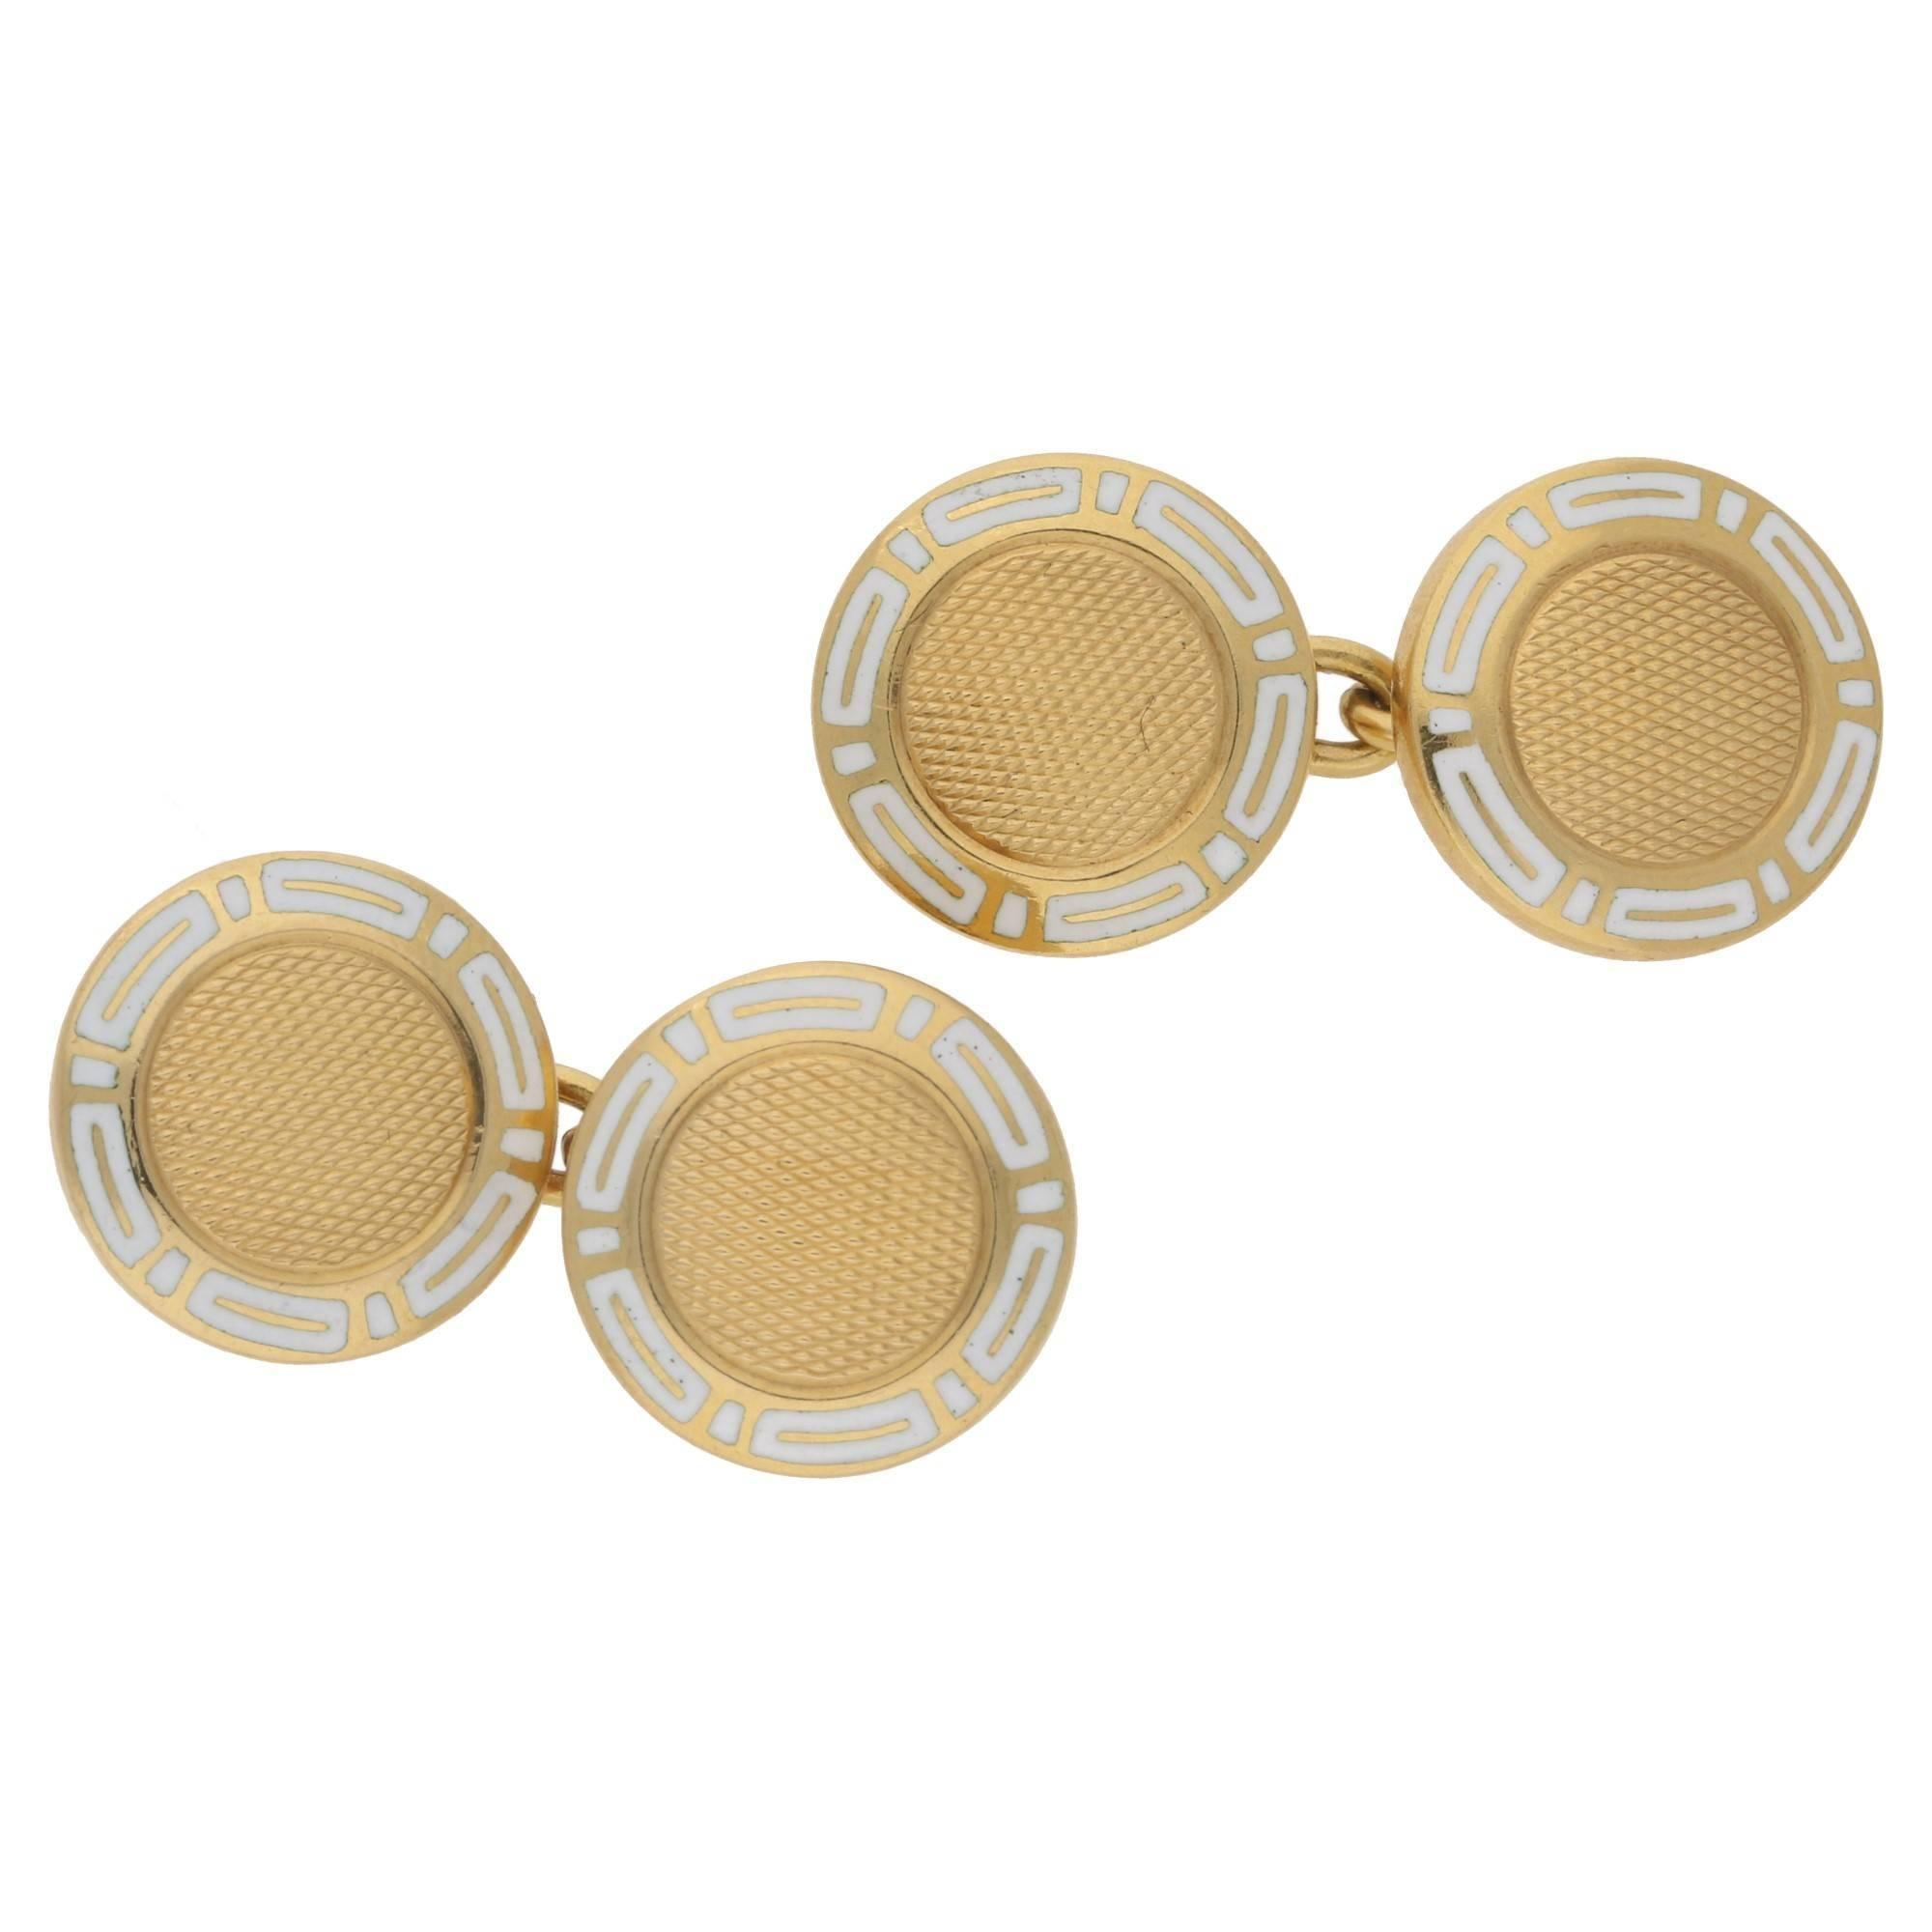 Bvlgari White Enamel Round Chain Cufflinks in 18k Yellow Gold